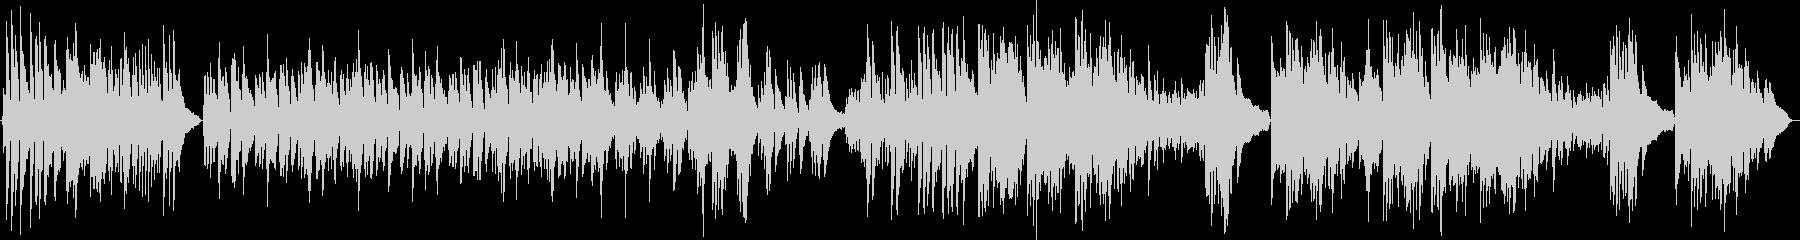 明るくポップなピアノソロの未再生の波形